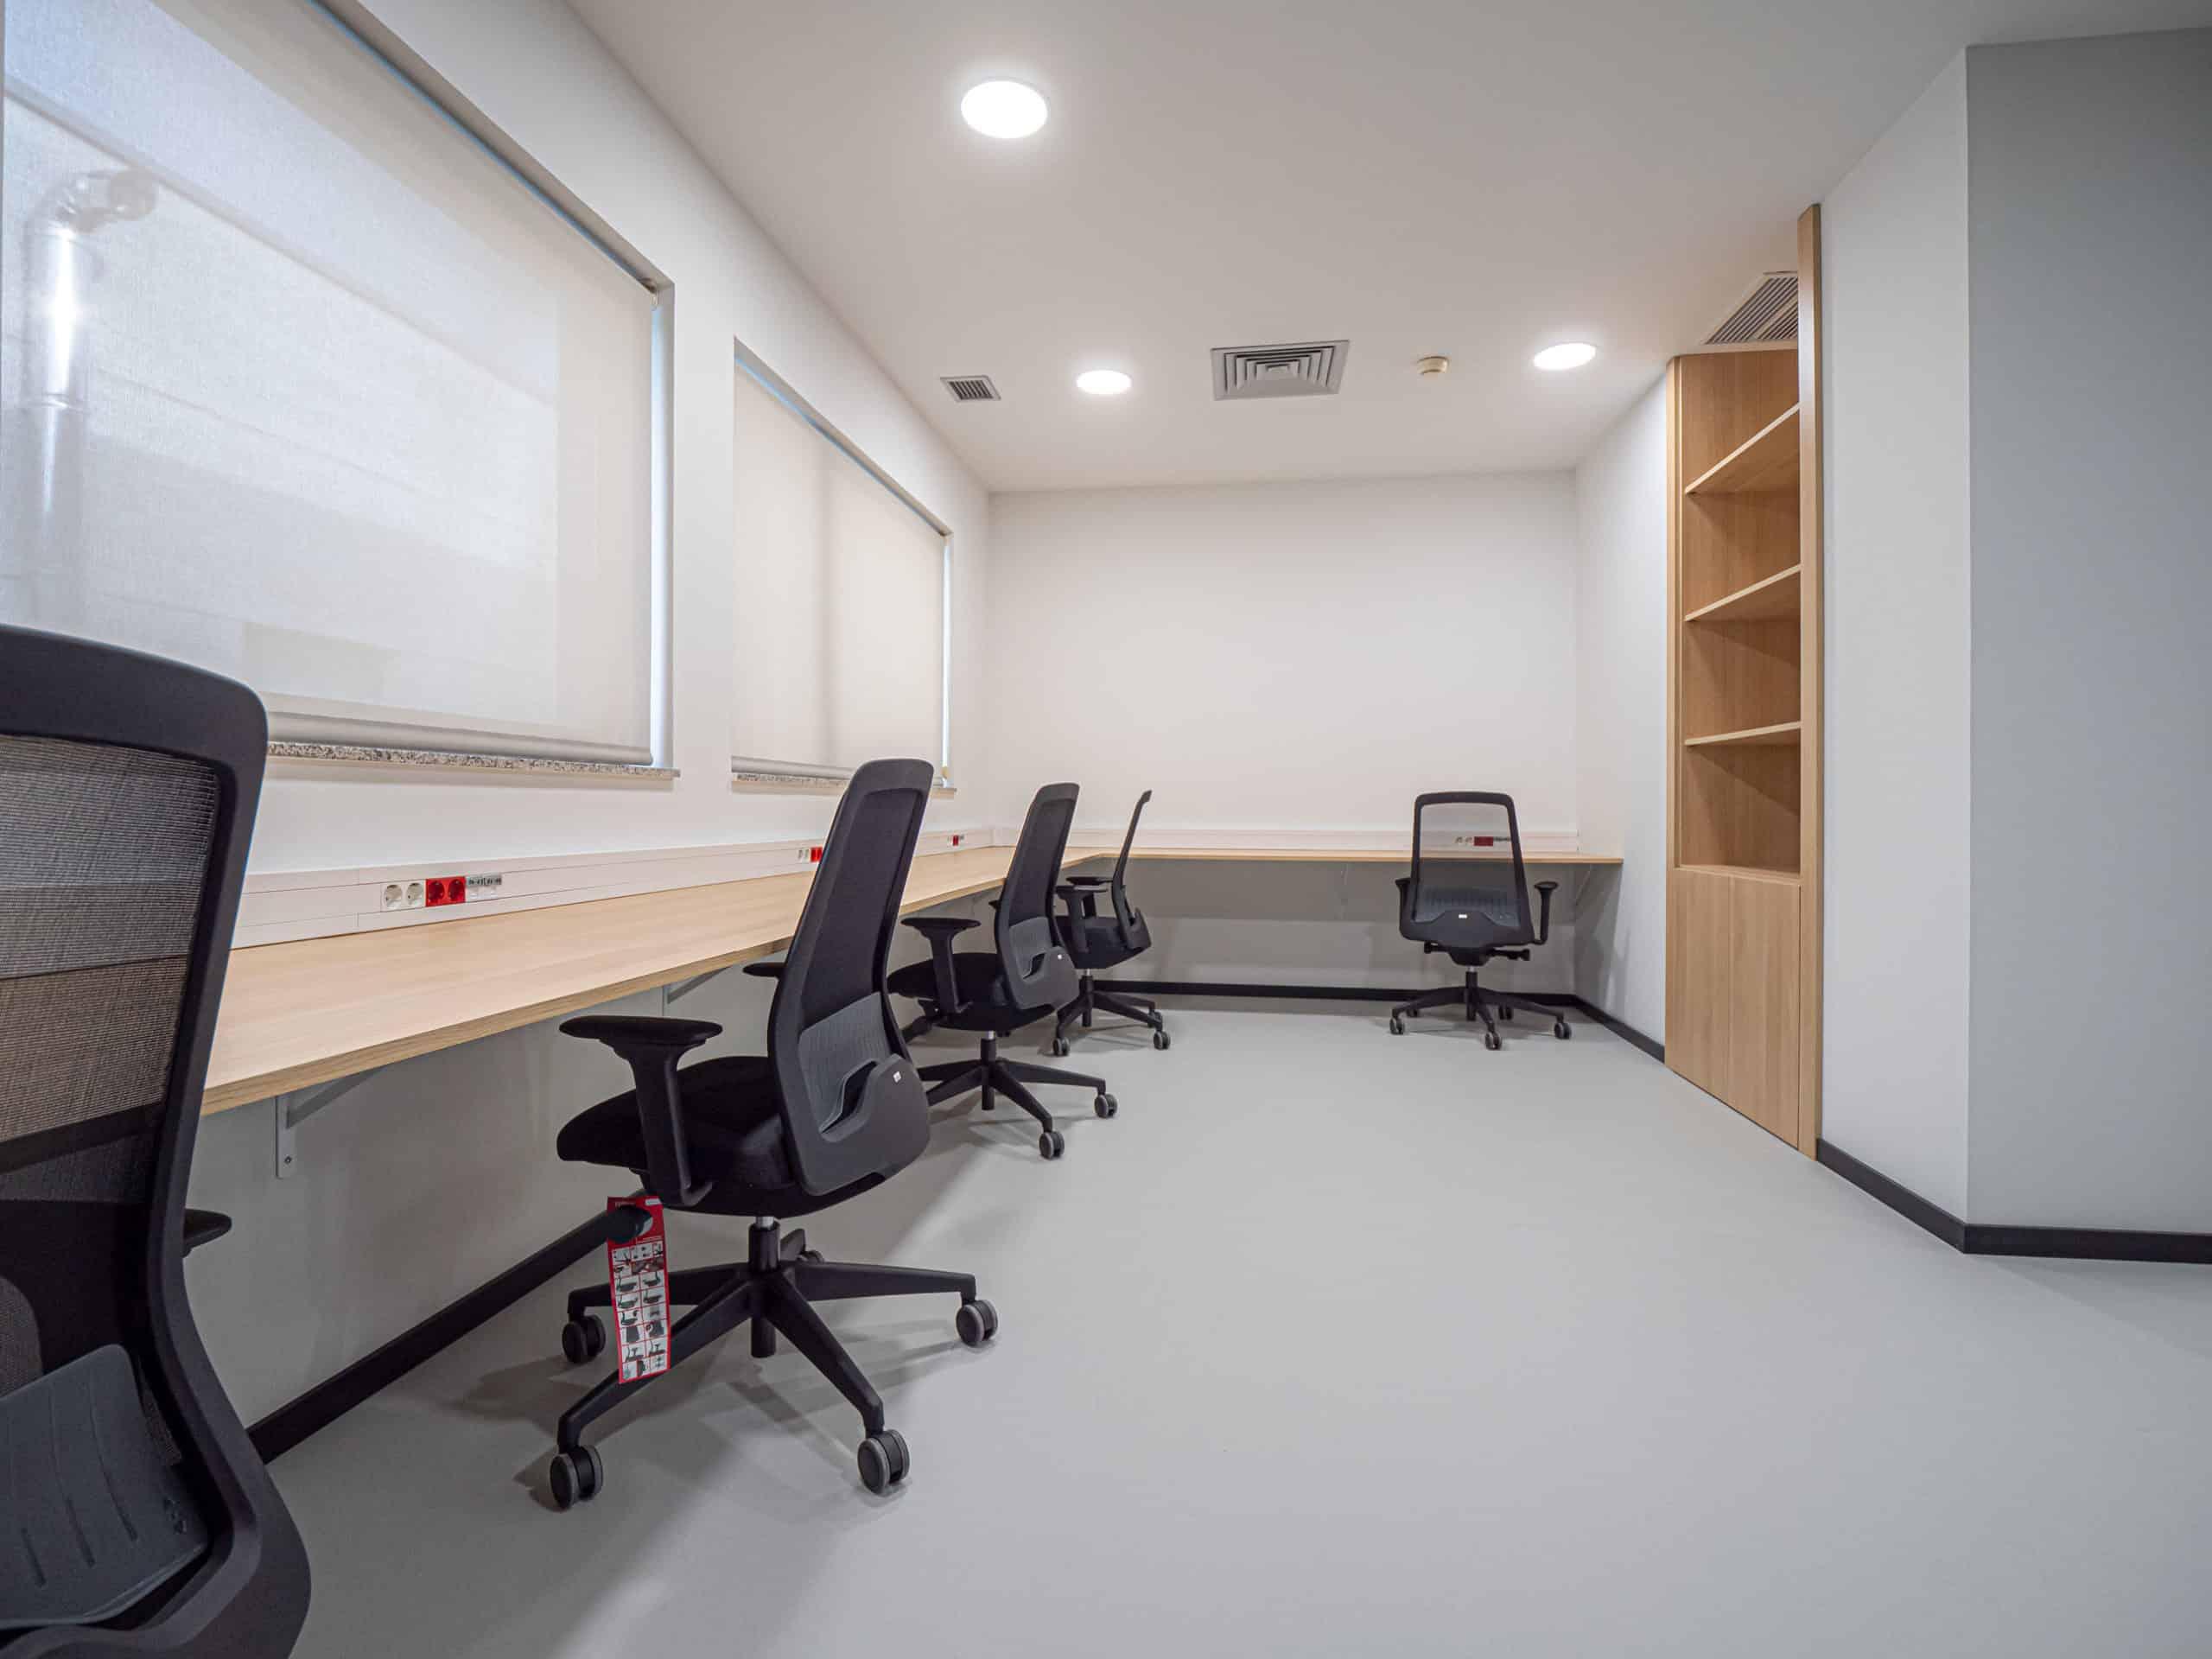 Imagen del equipamiento sala oficinas IDIS